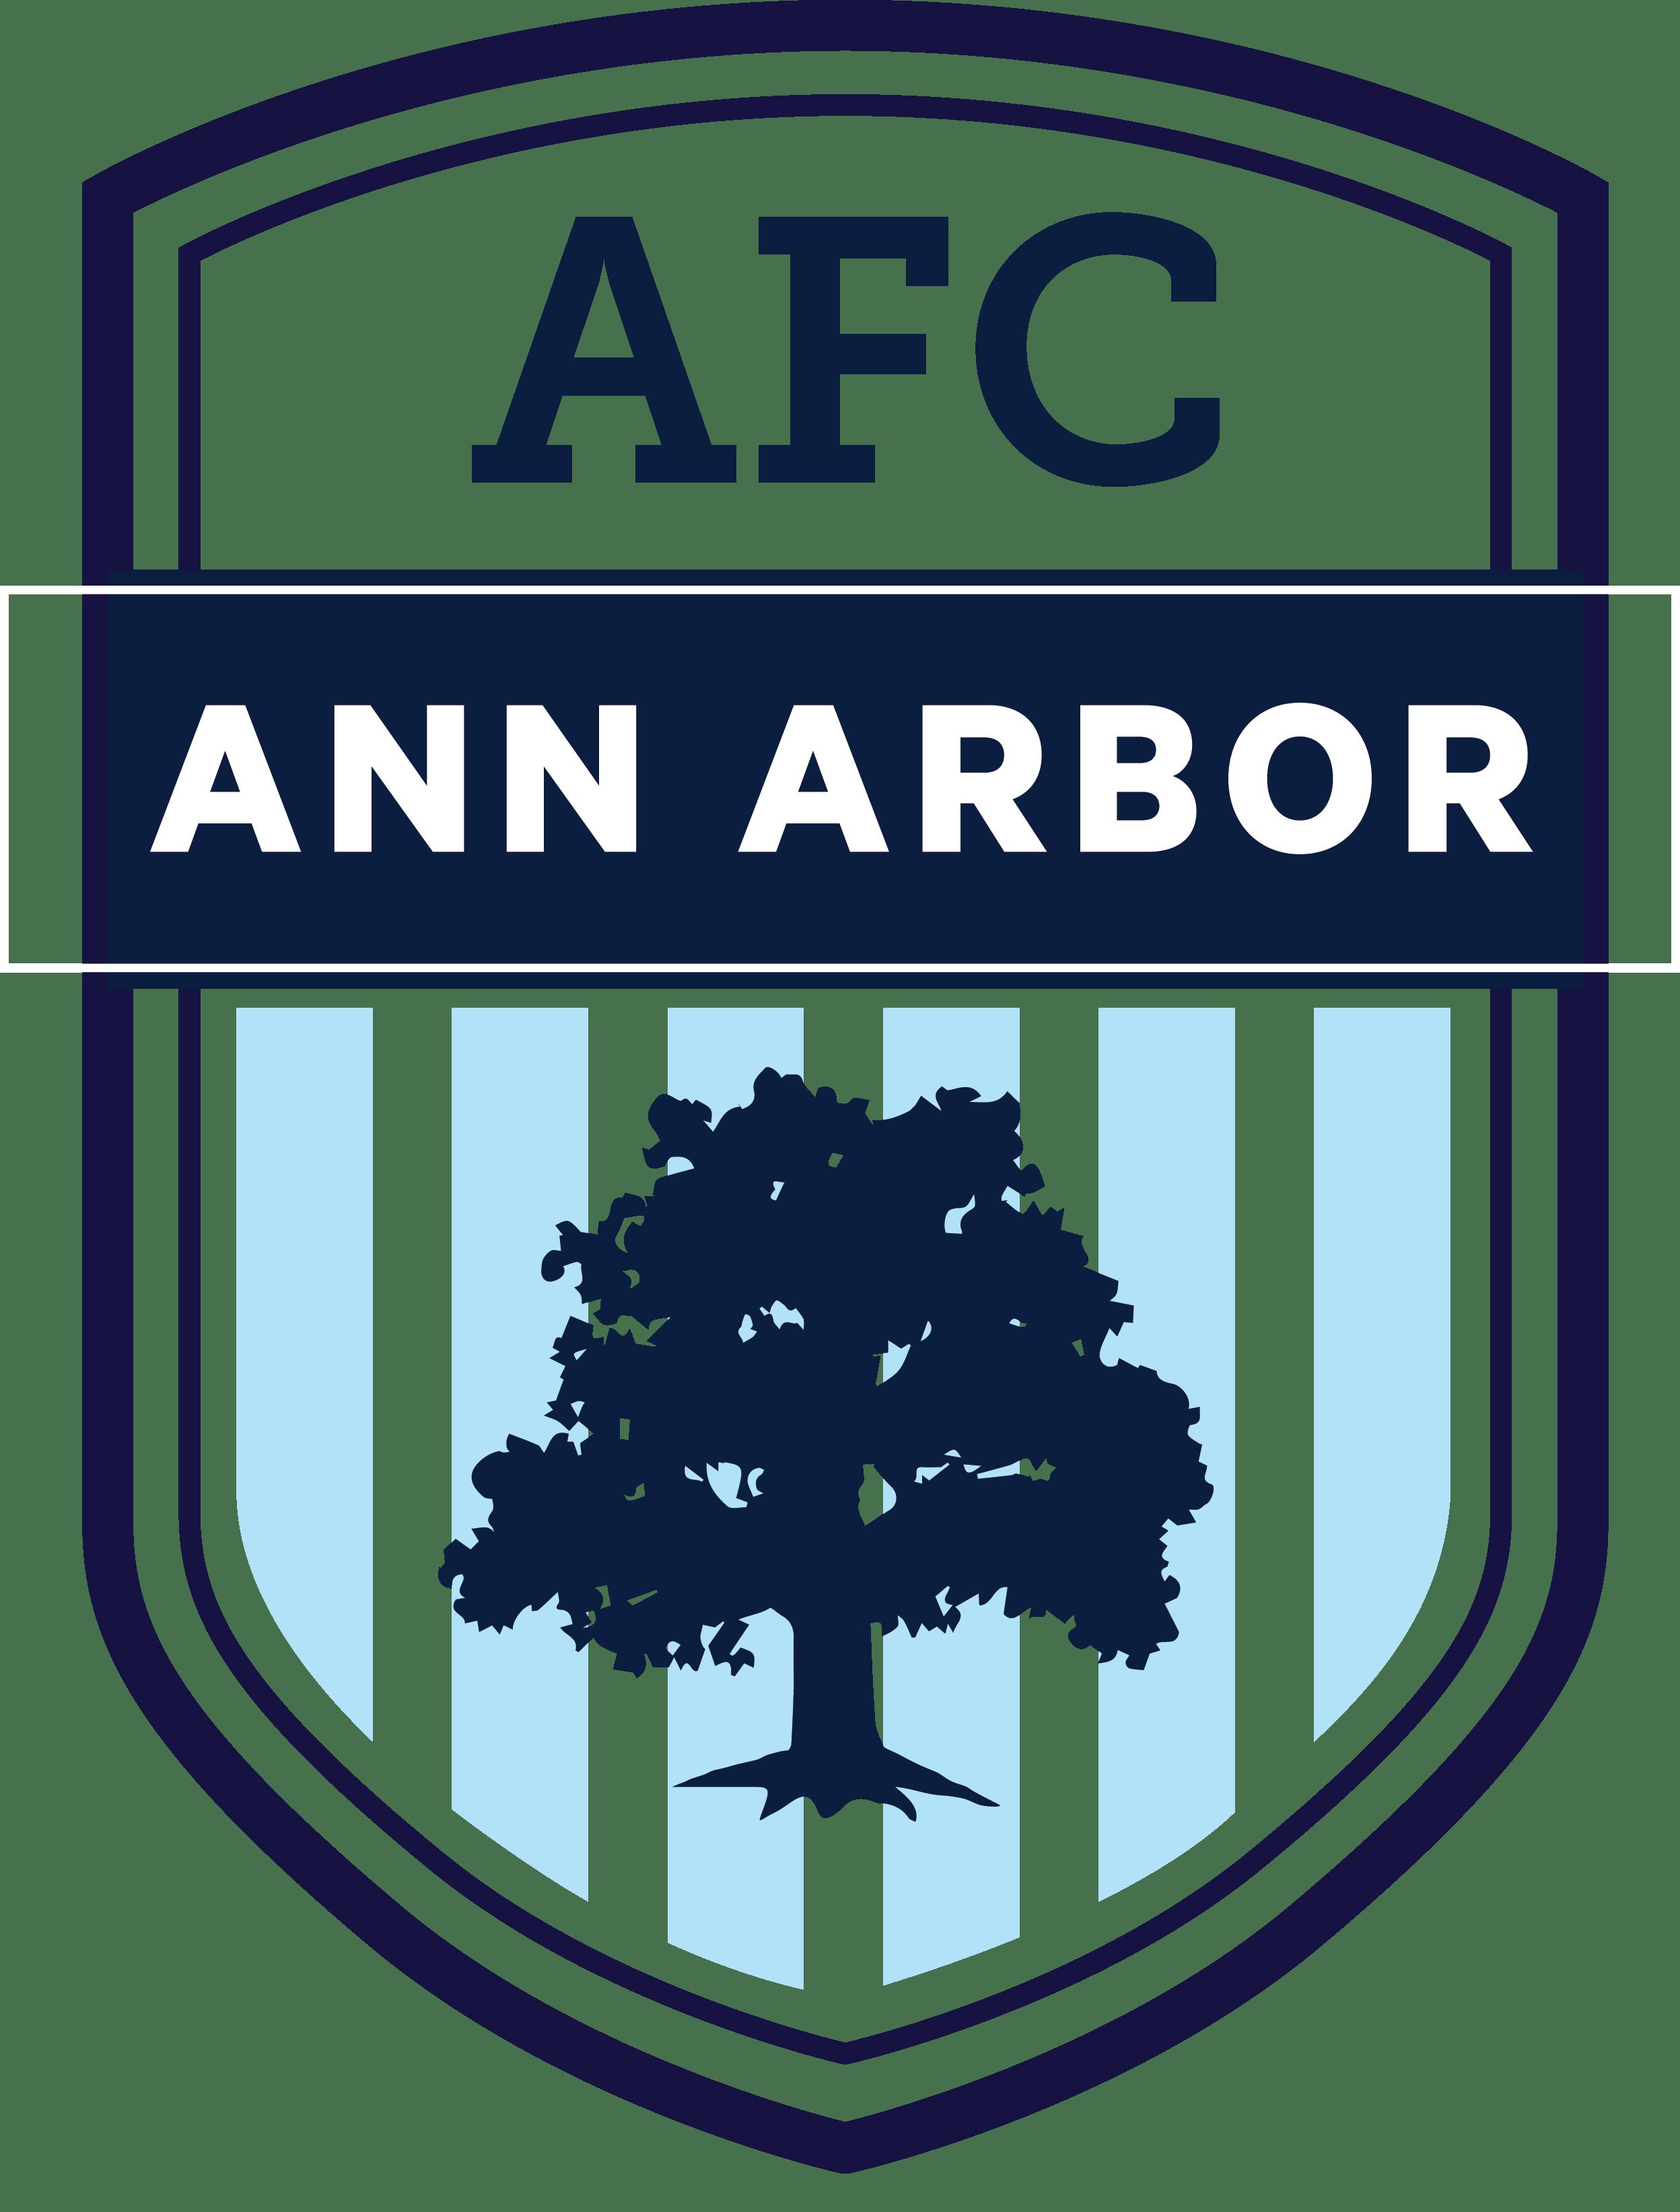 AFCAA_Logo.png